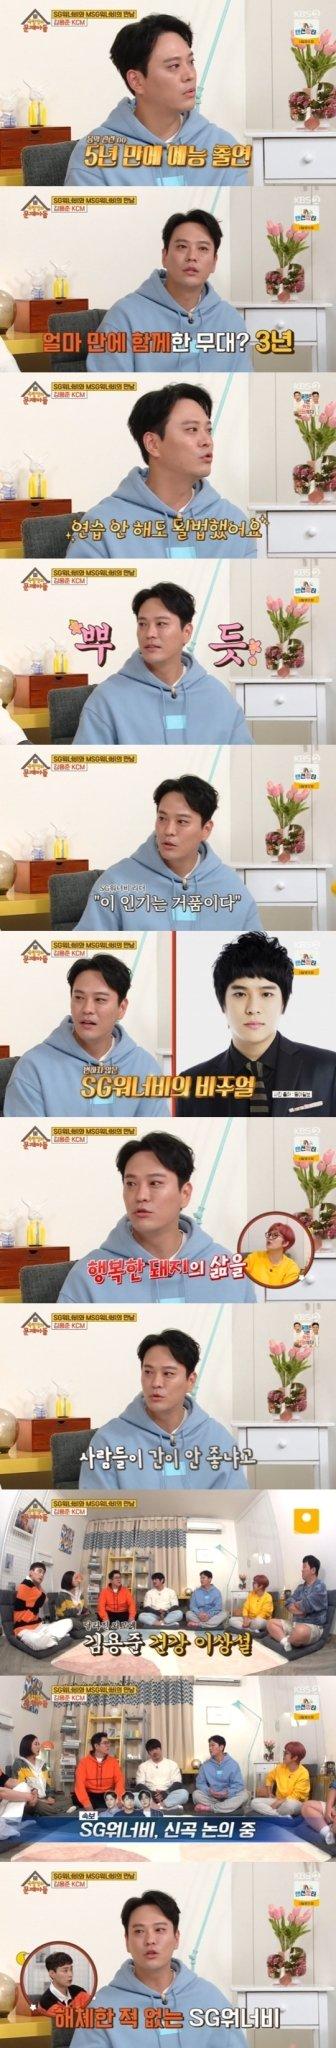 """김용준 """"SG워너비 해체한 적 없어""""…신곡 논의 중 [RE:TV]"""